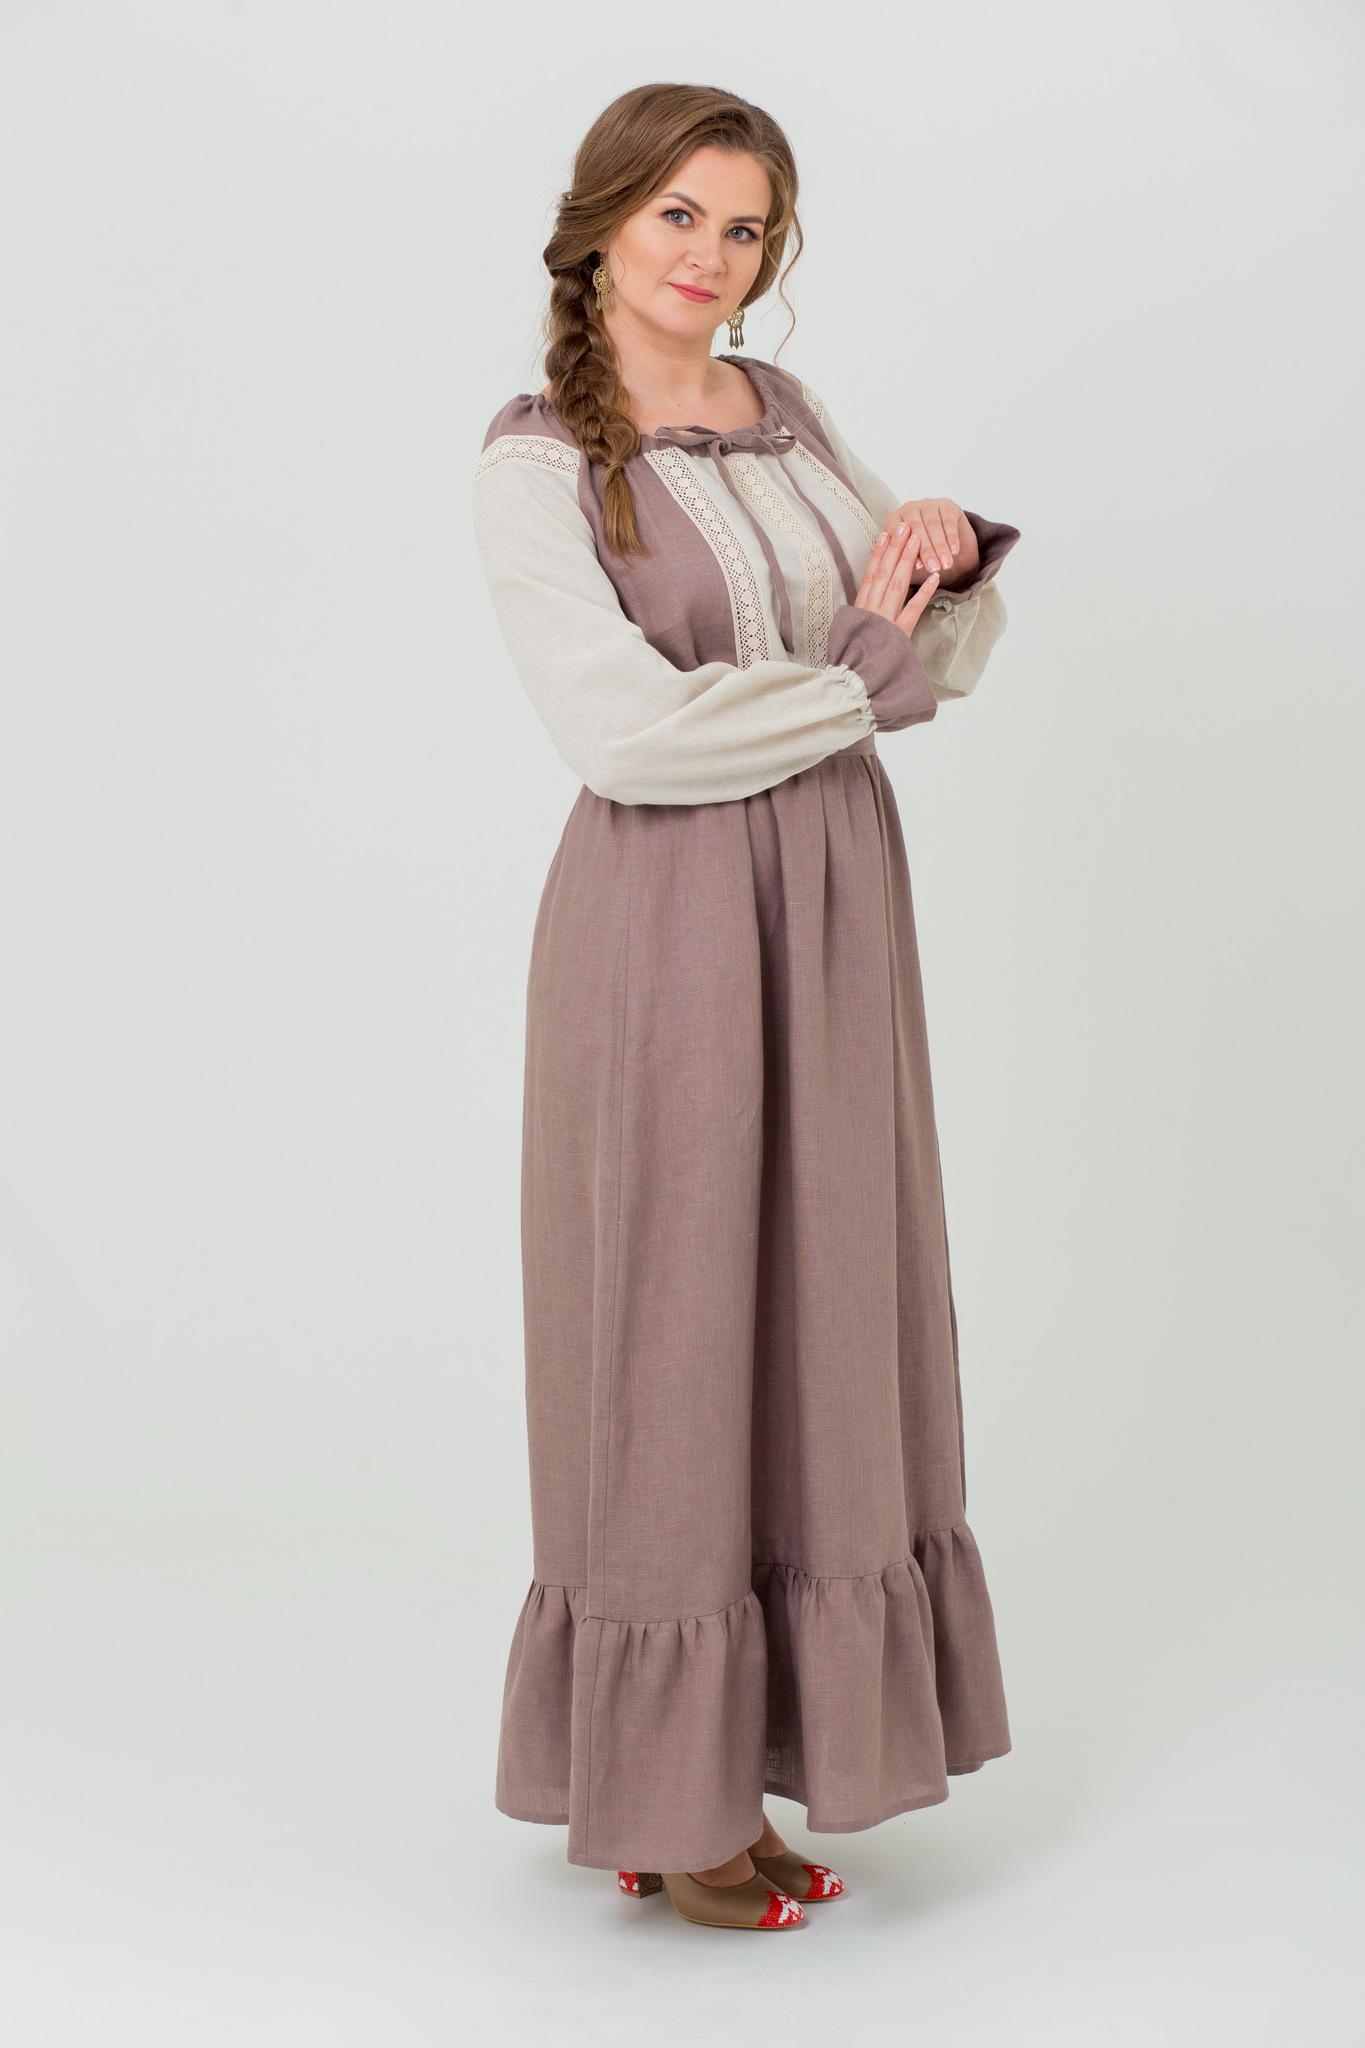 Льняное платье в пол традиционное Тихий вечер купить